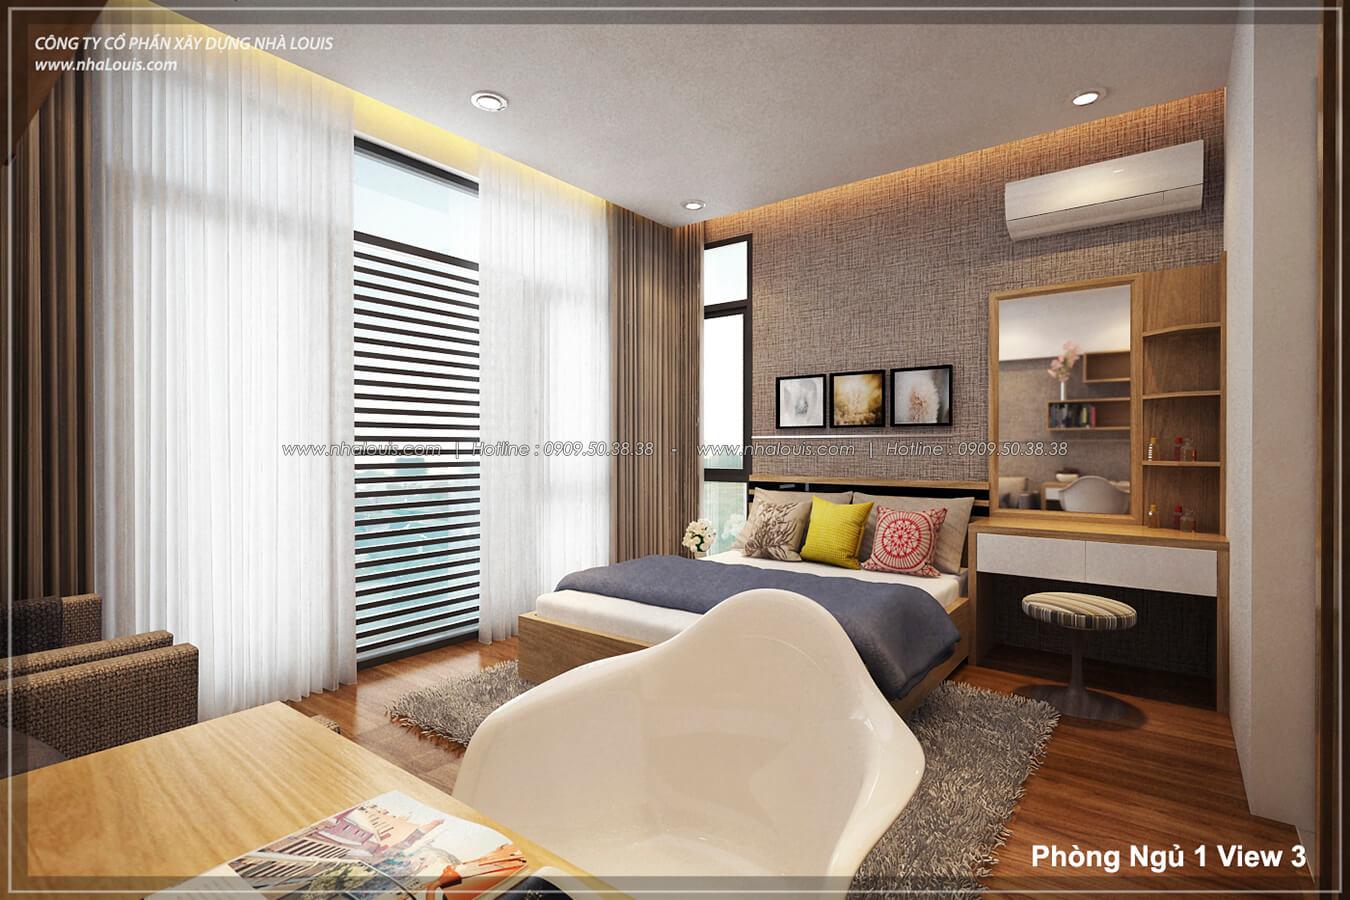 Phòng ngủ Thiết kế nhà lệch tầng đẹp 4.5x14.5m hiện đại tại quận Tân Bình - 14